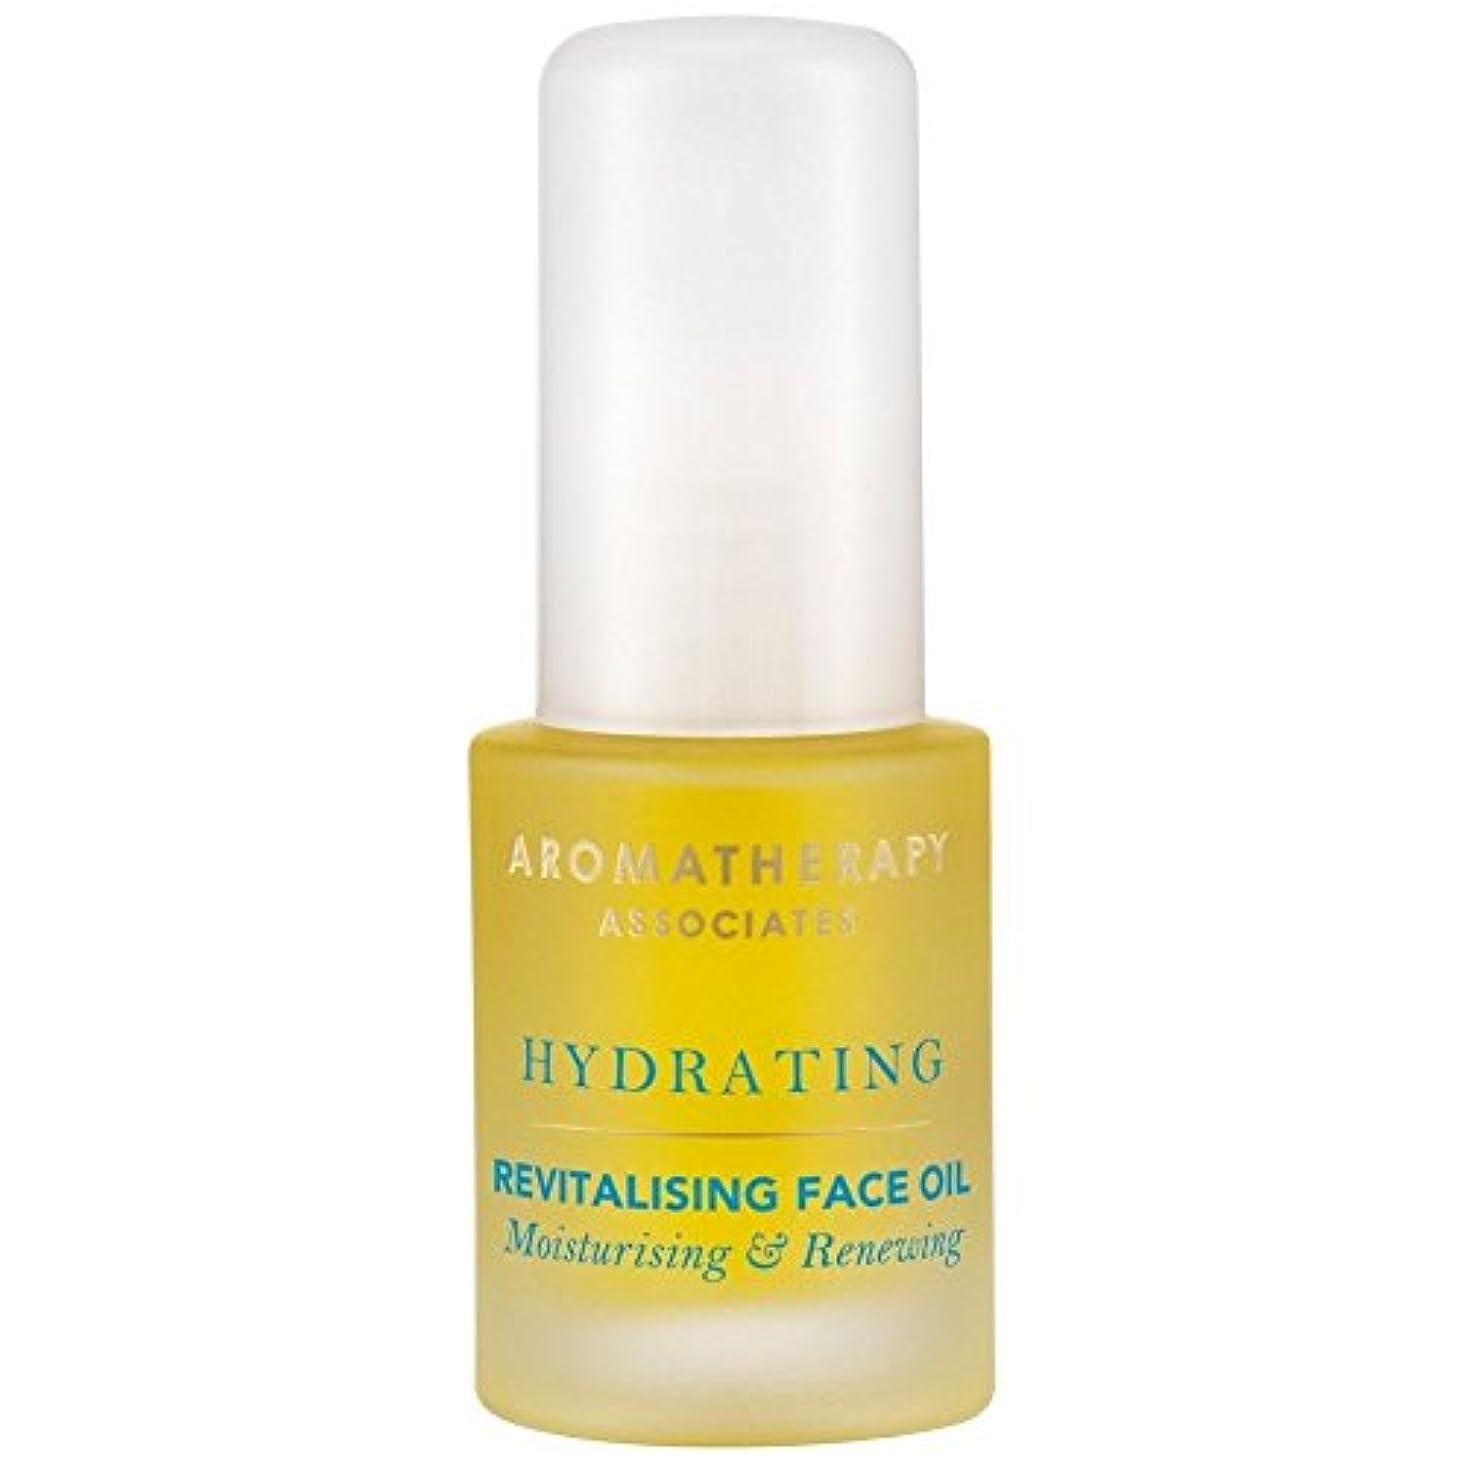 控えめなケイ素引き潮[Aromatherapy Associates] リバイタライジングフェイスオイル15ミリリットルを水和アロマセラピーアソシエイツ - Aromatherapy Associates Hydrating Revitalising Face Oil 15ml [並行輸入品]